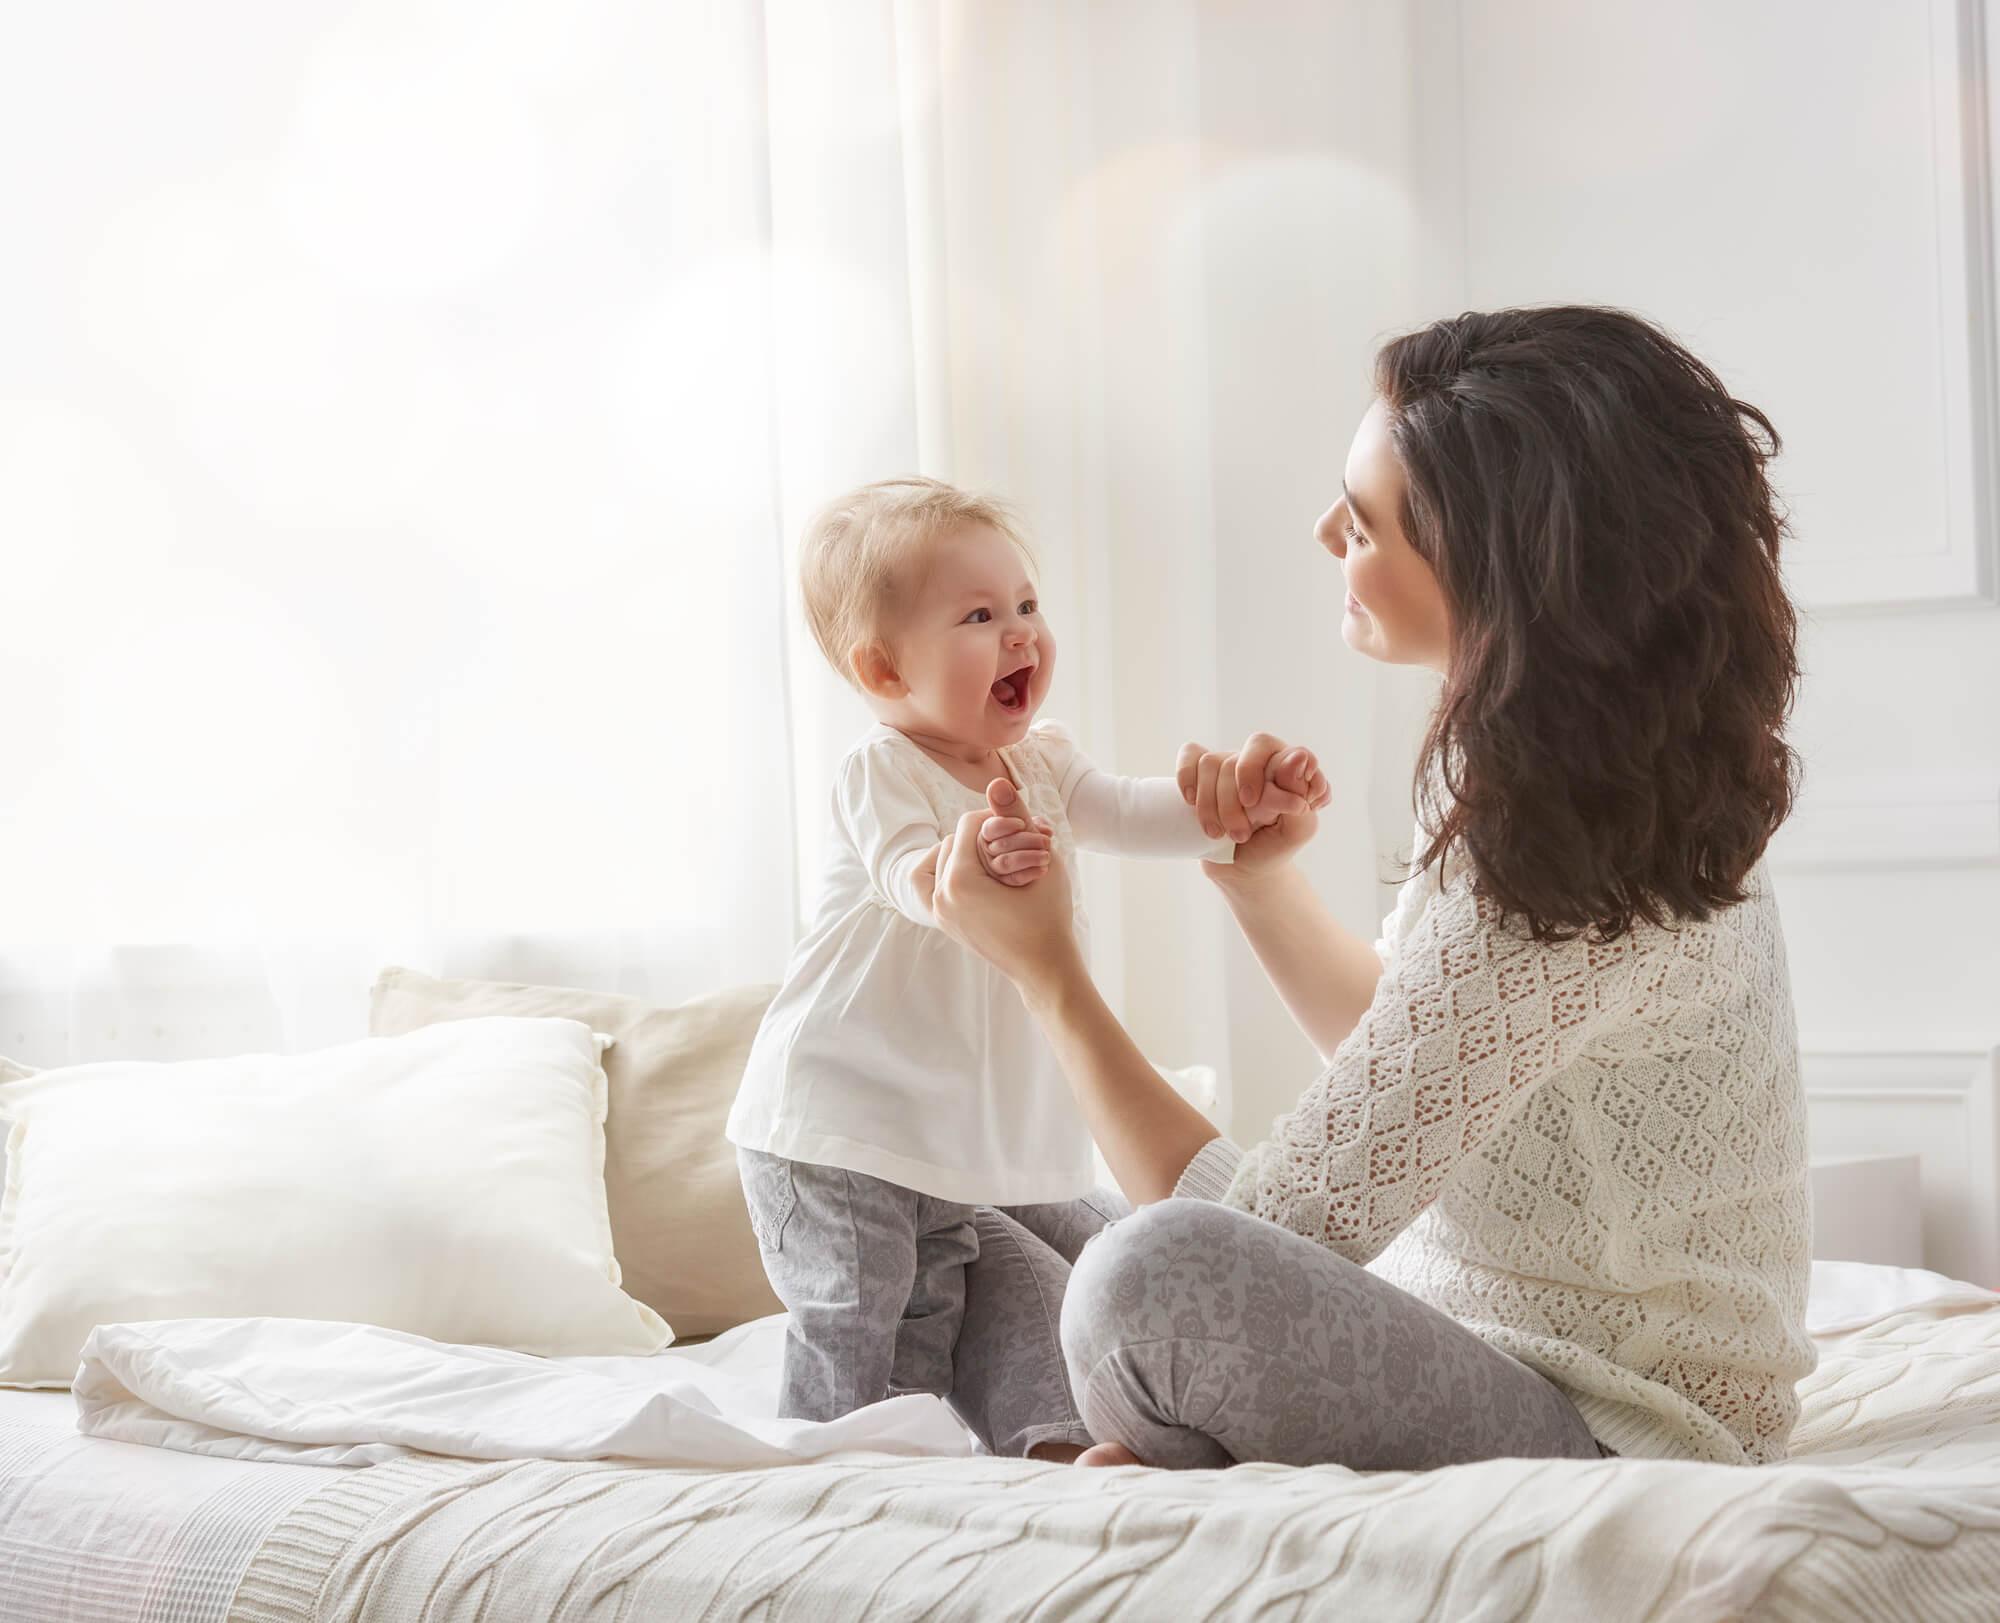 Como lidar com crianças hiperativas? Descubra aqui!